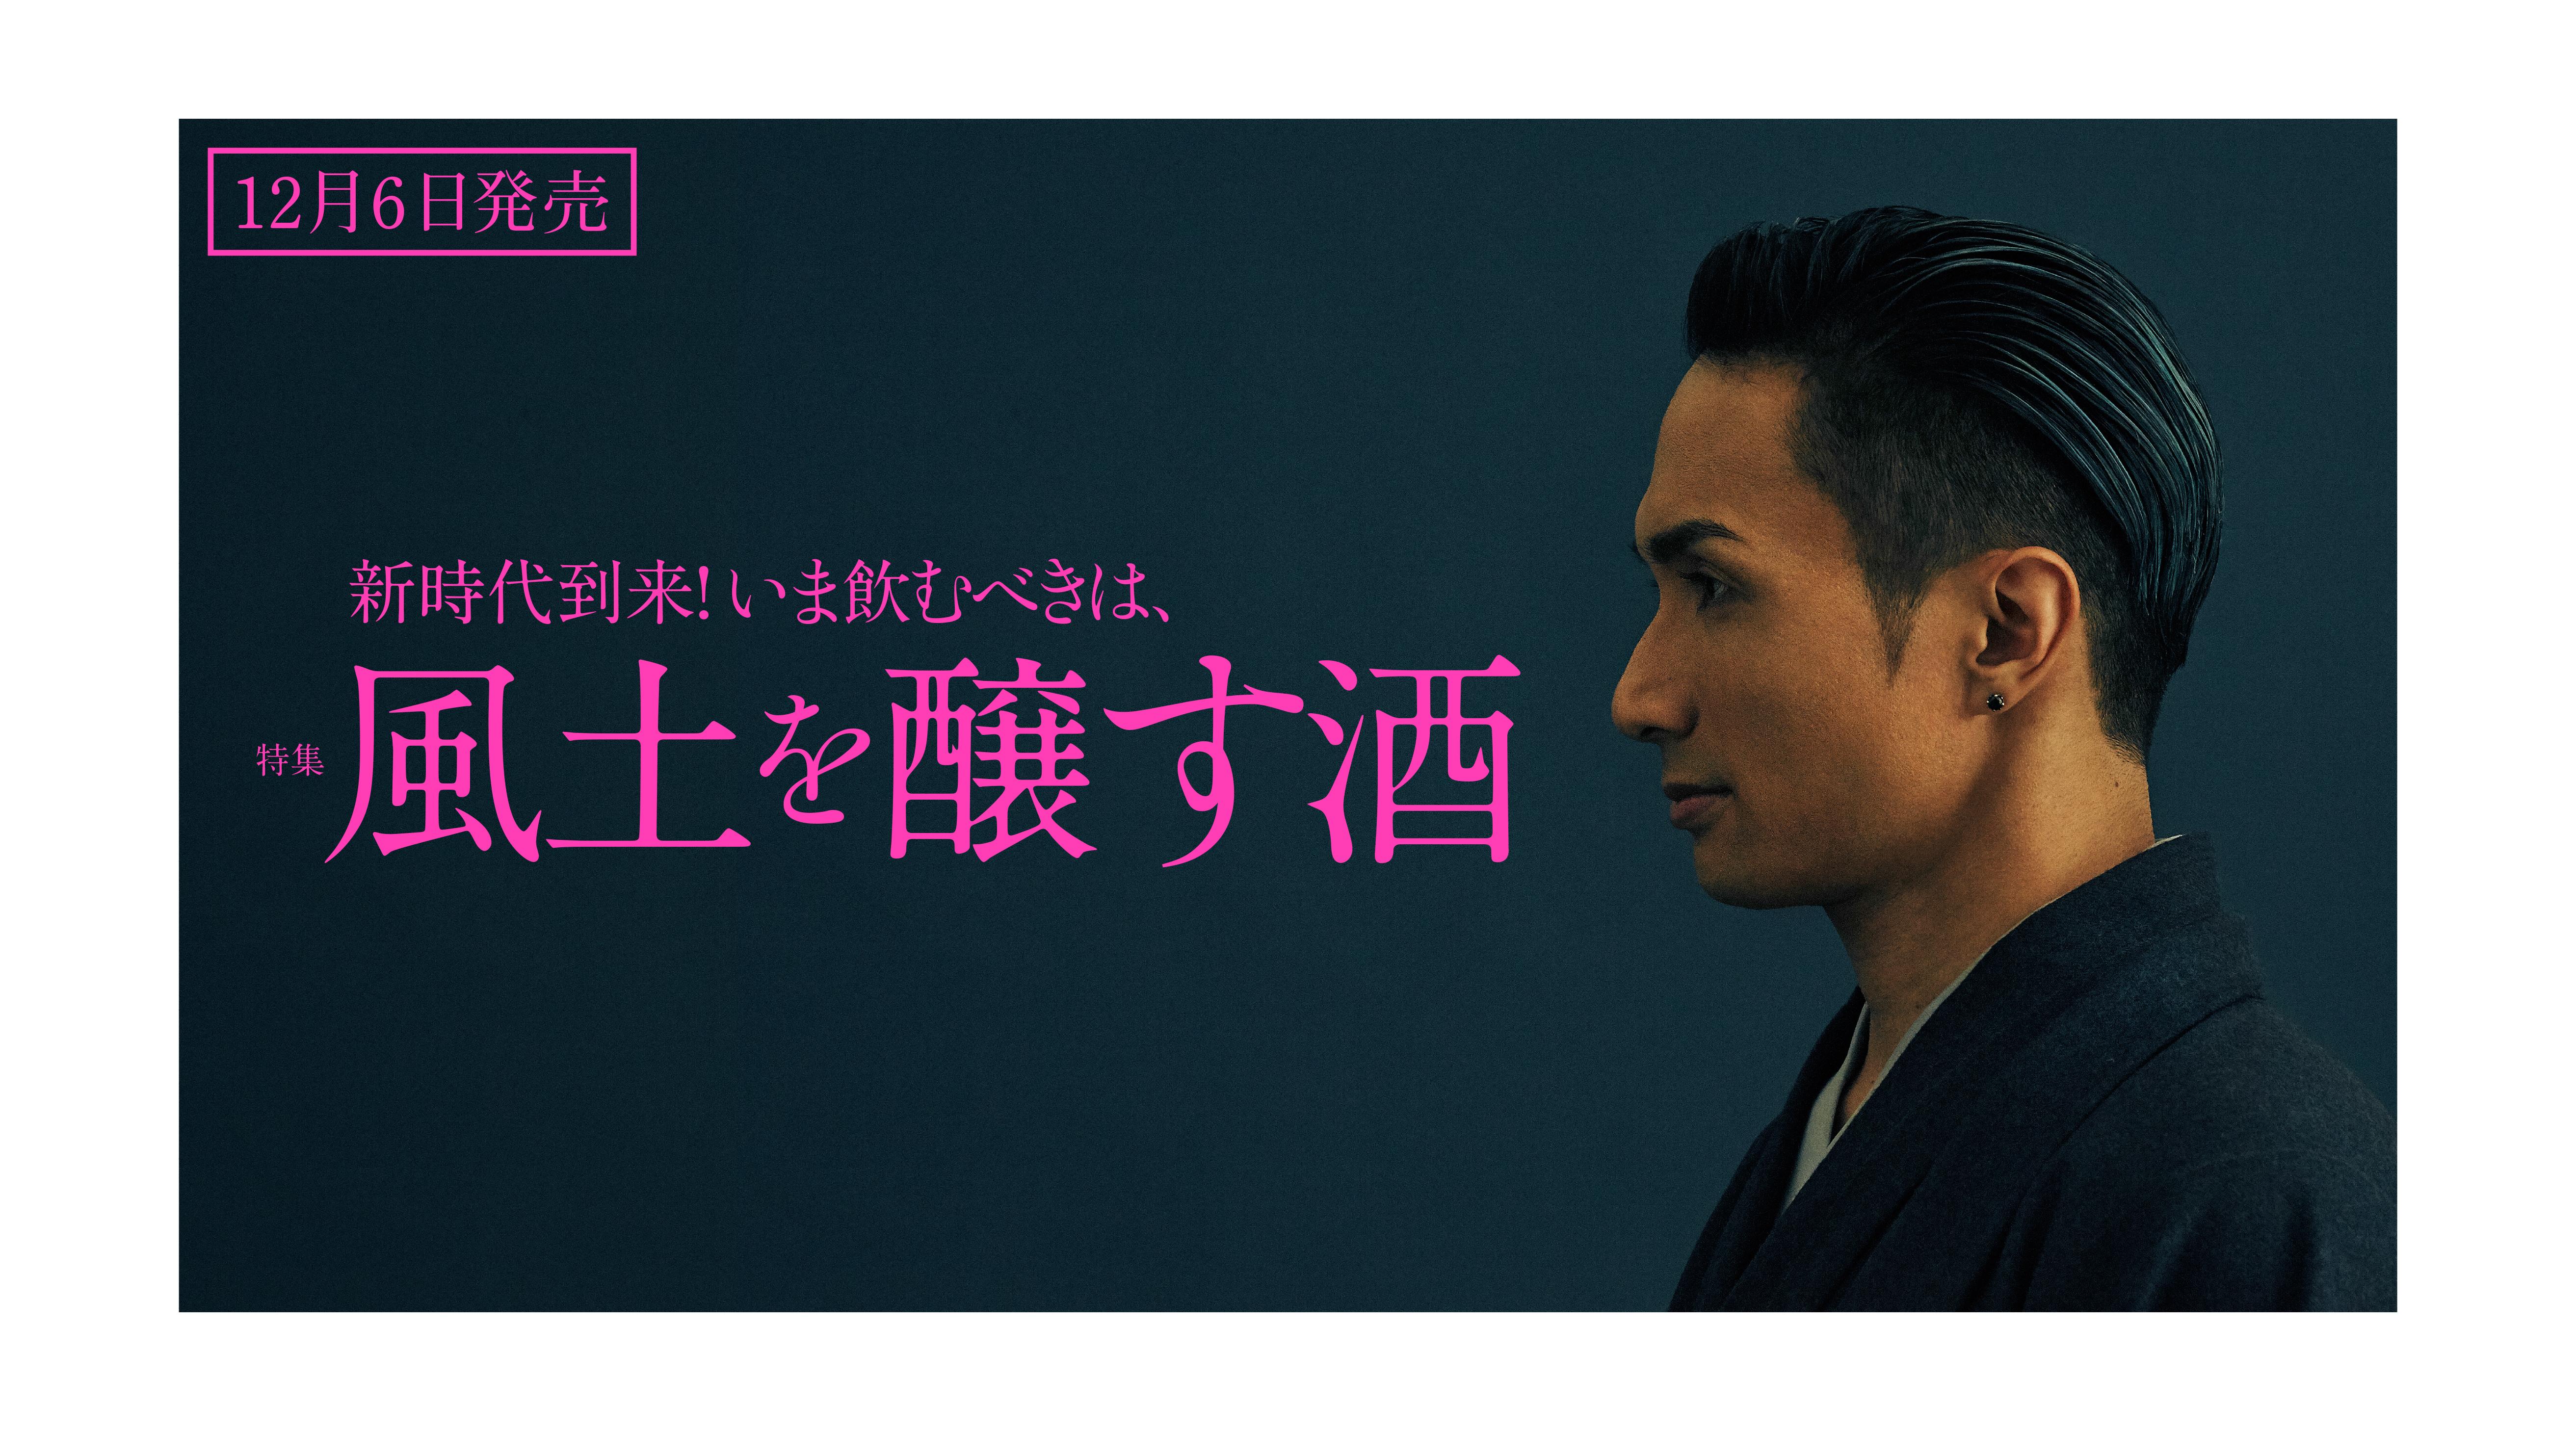 特集:新時代到来!いま飲むべきは、<br/>   風土を醸す酒<br/>Discover Japan1月号発売中です!